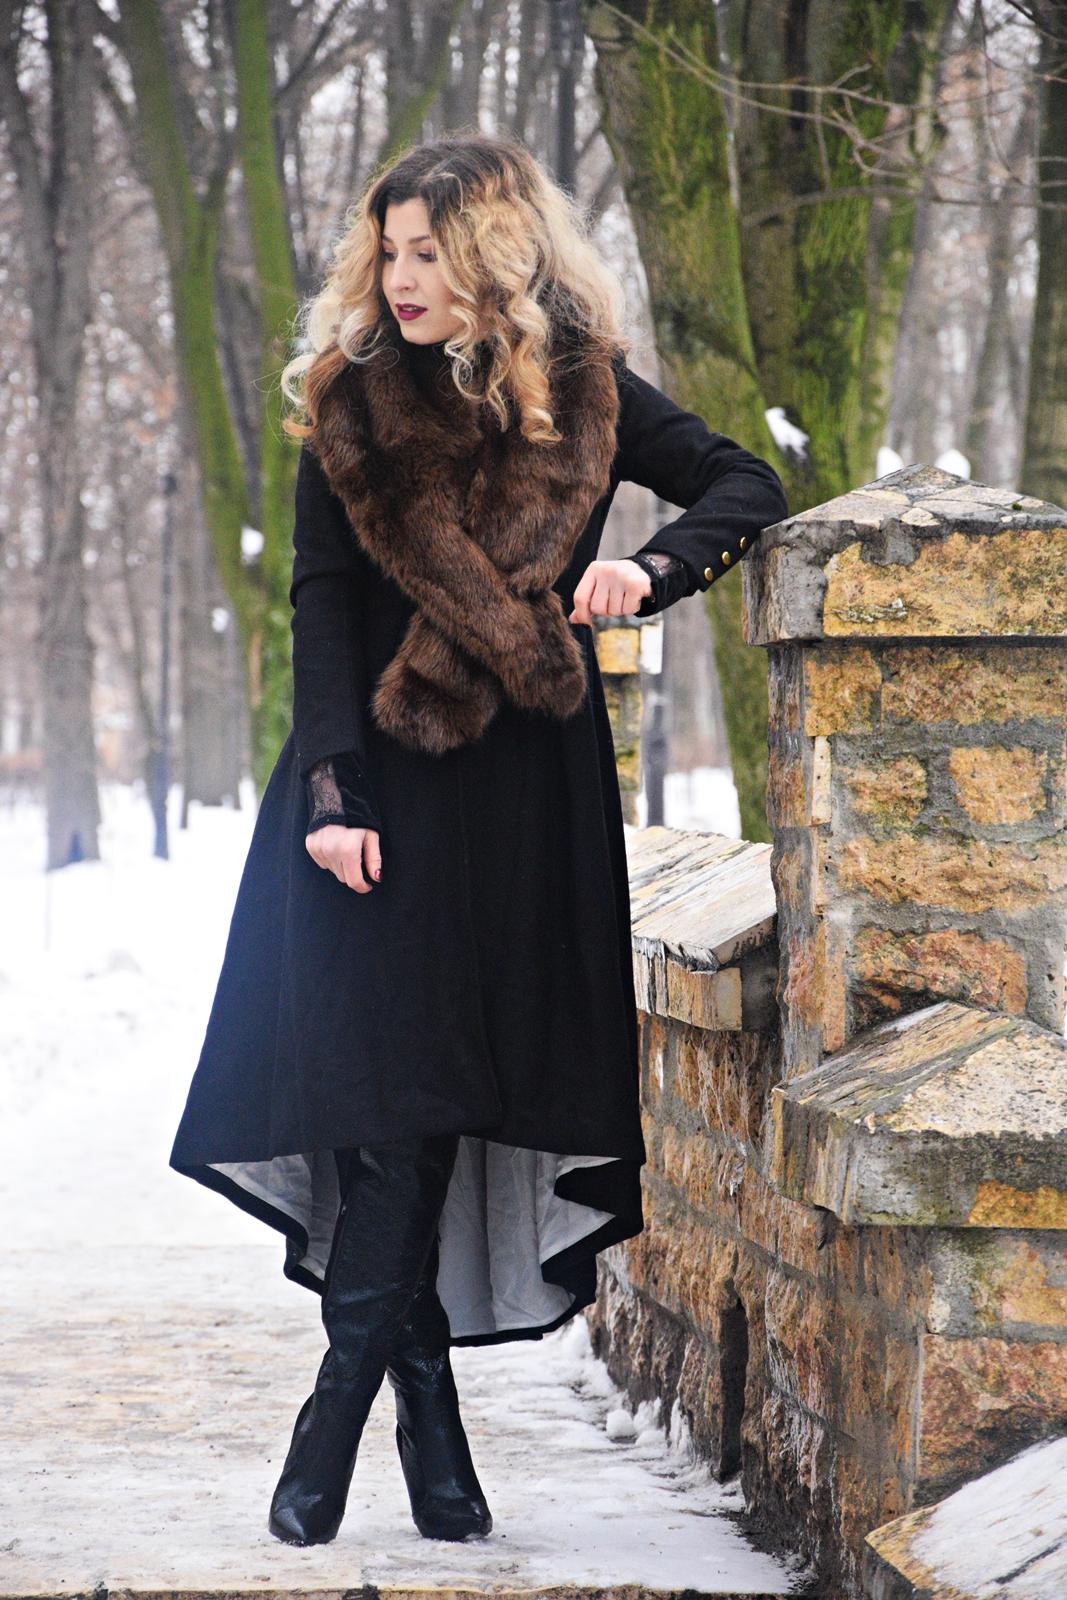 Palton dintr-un material gros, ce ofera tinuta. Se aseaza perfect pe corp si are un  aer de epoca